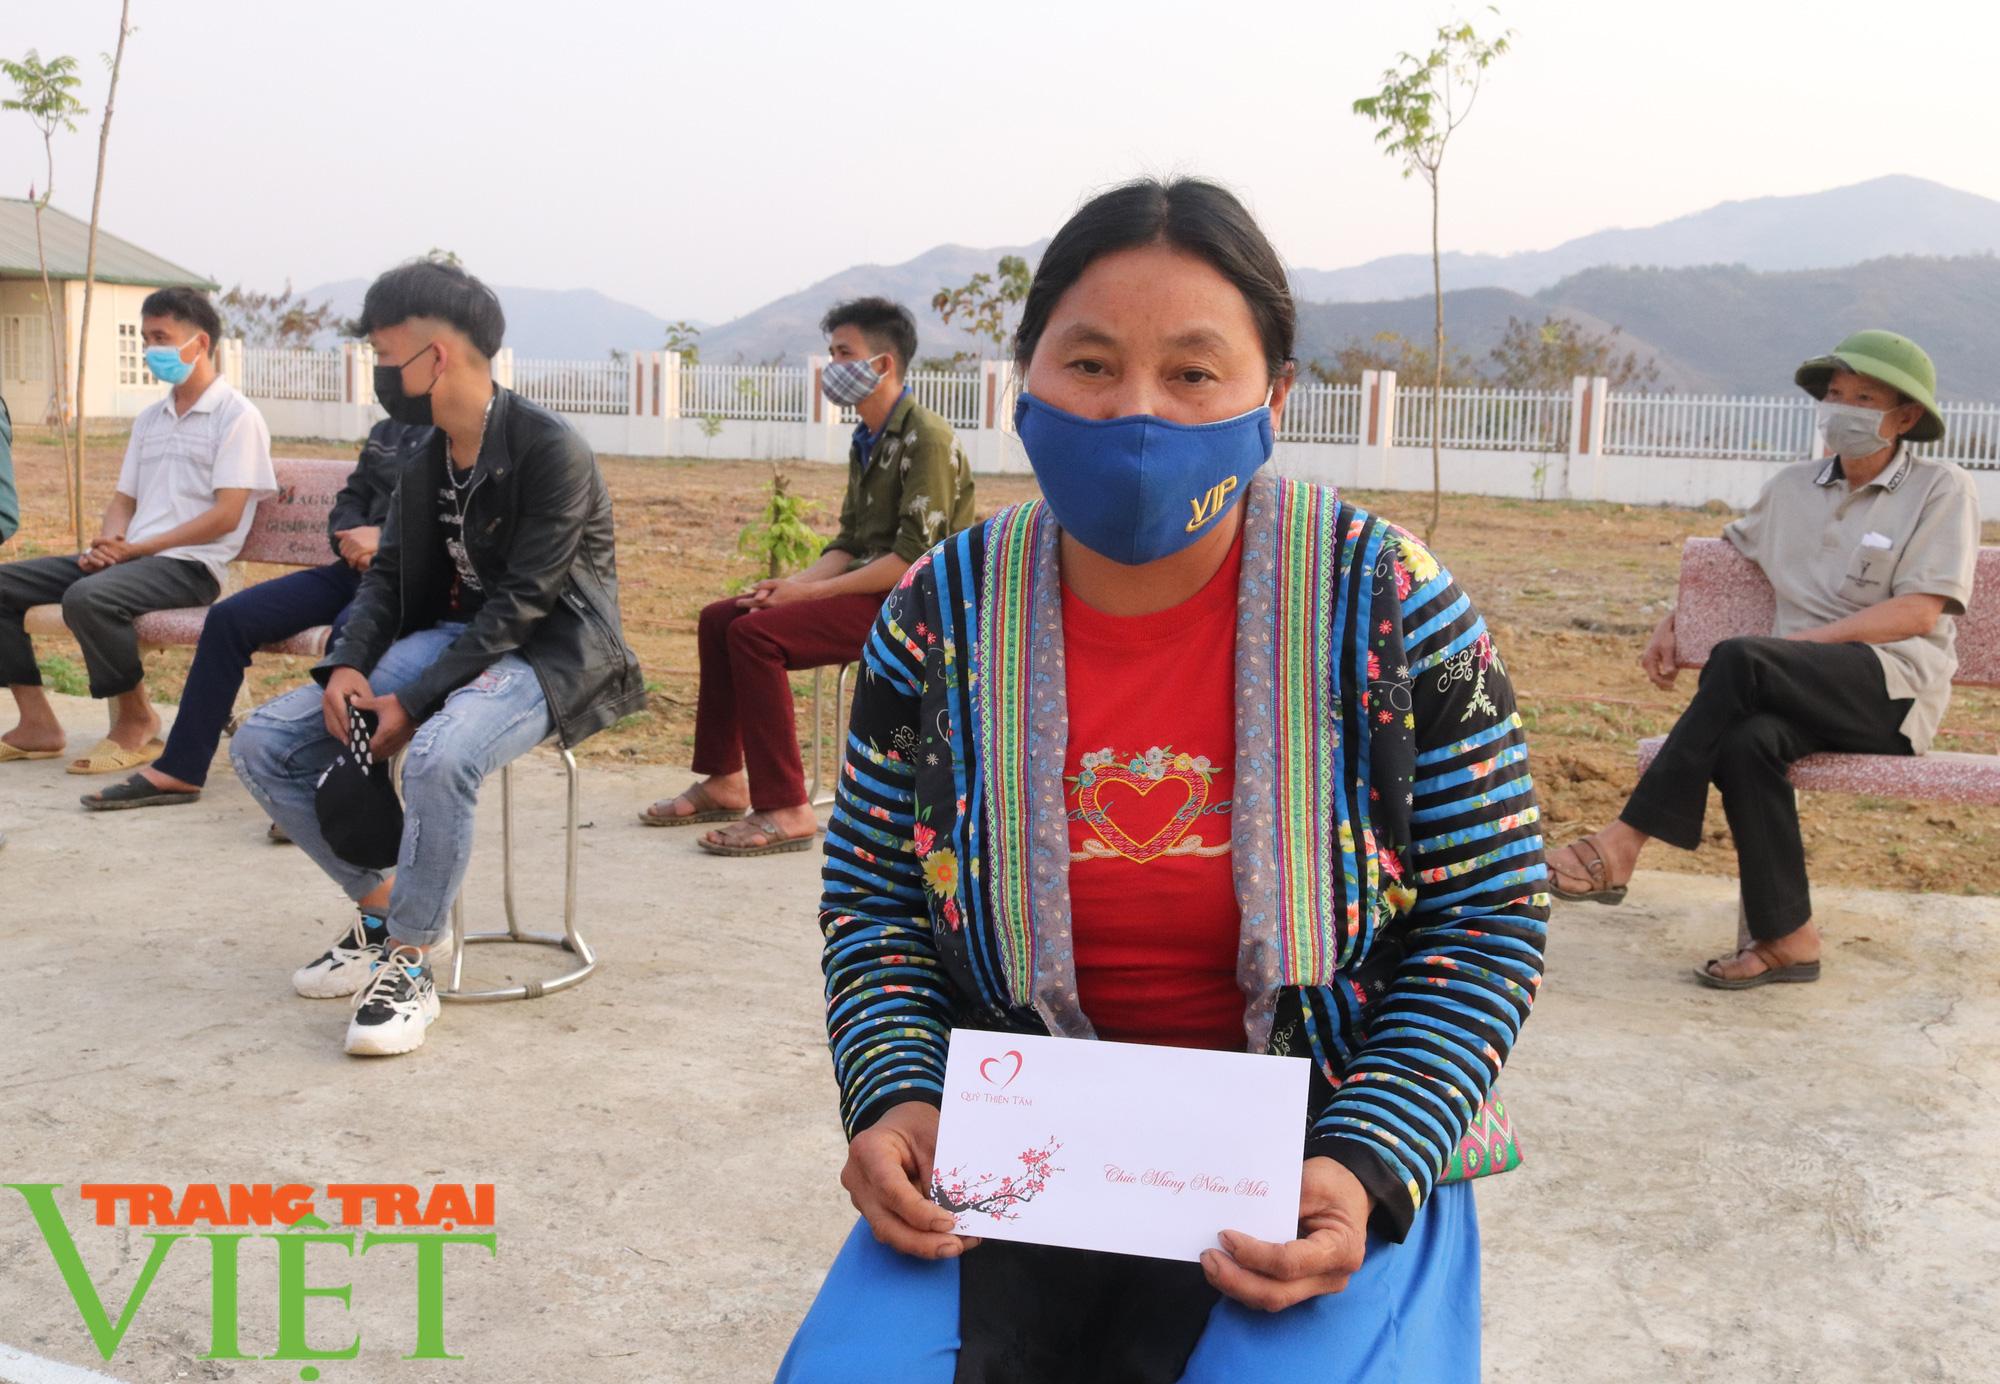 Báo NTNN/Dân Việt/Trang Trại Việt chung tay lo tết với nông dân nghèo Sơn La  - Ảnh 7.